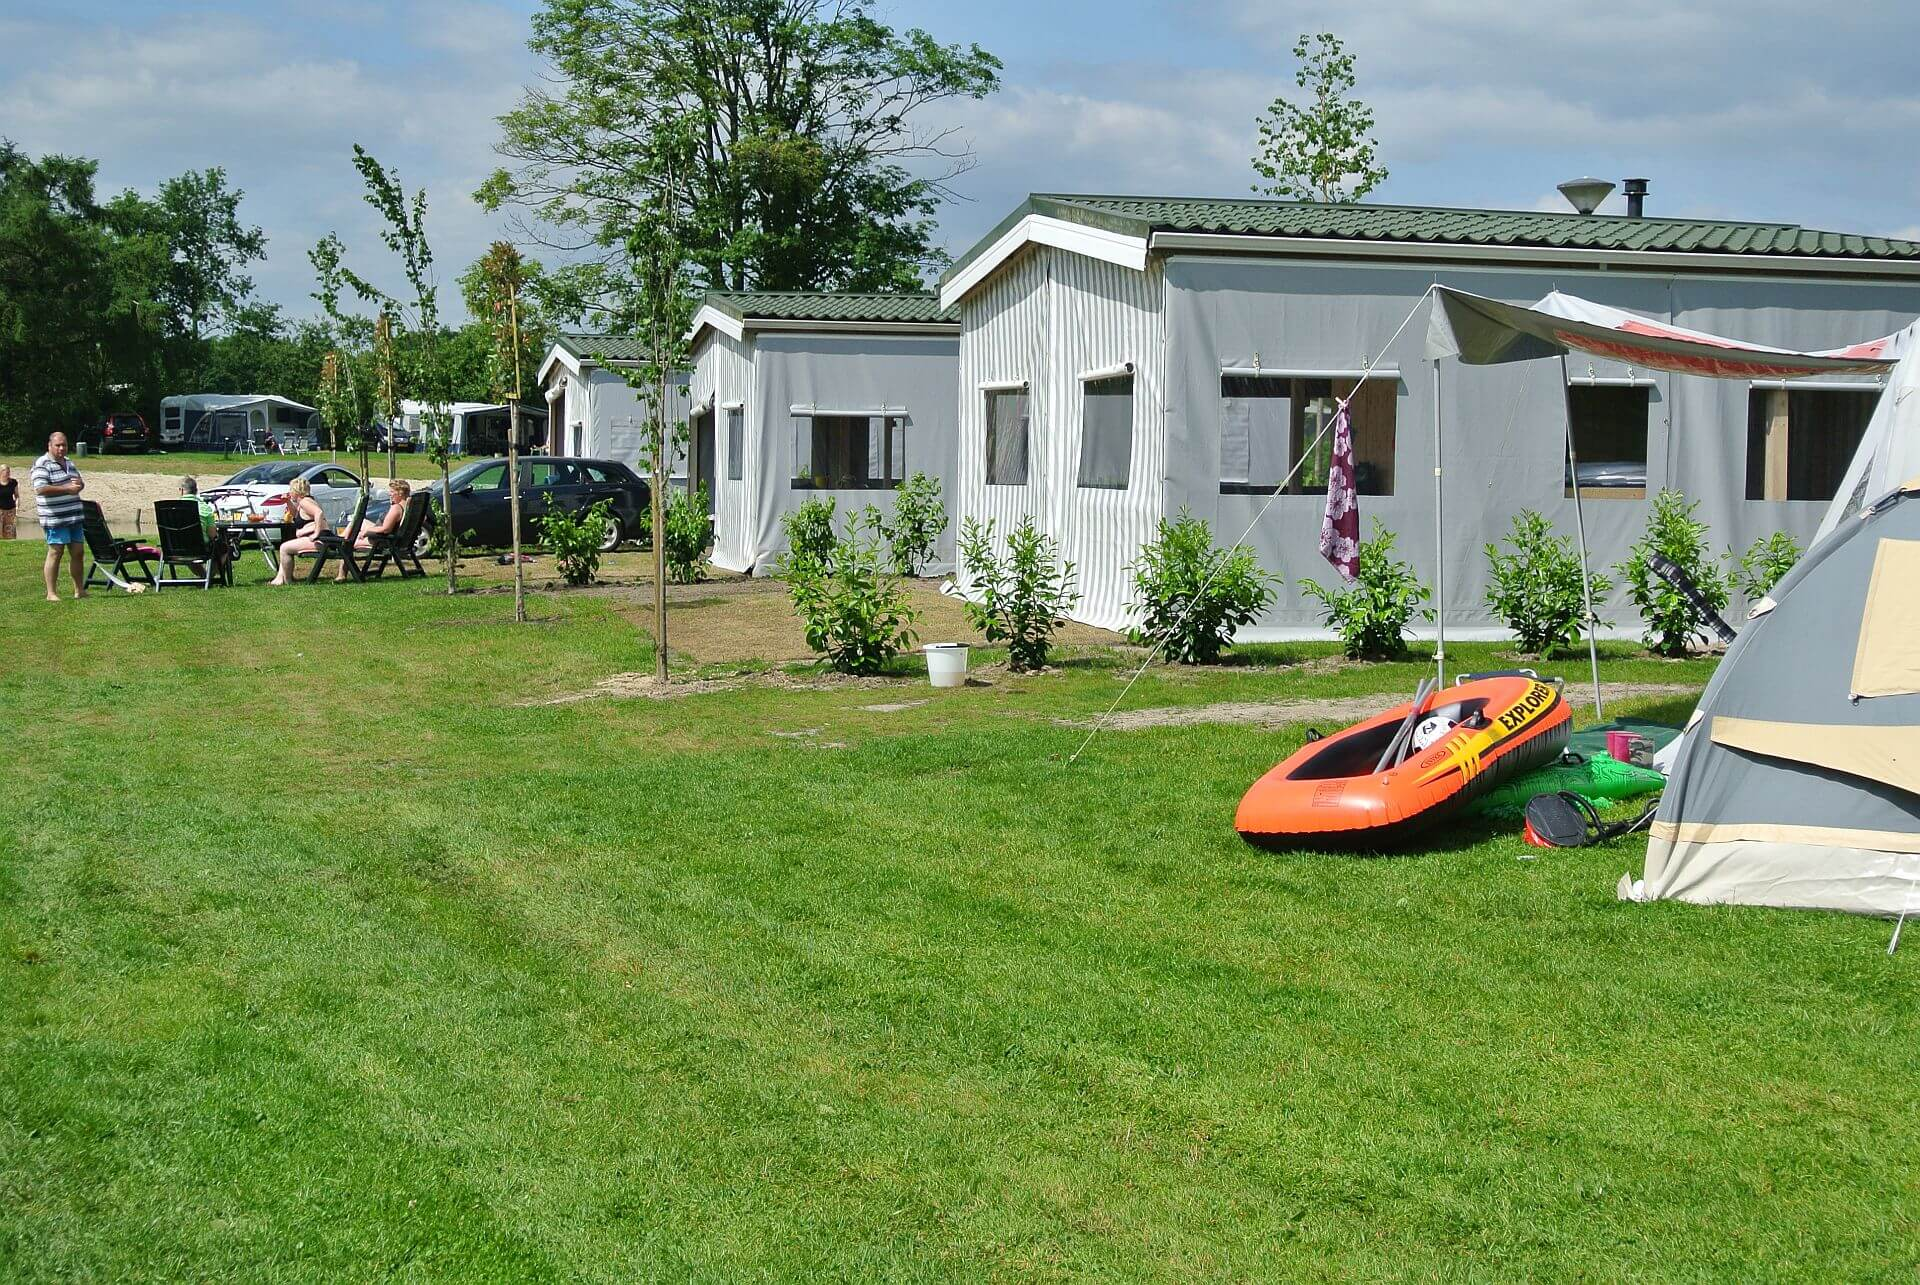 Lodgezelt, eine besondere Unterkunft direkt am Strand! - Urlaub in Hardenberg